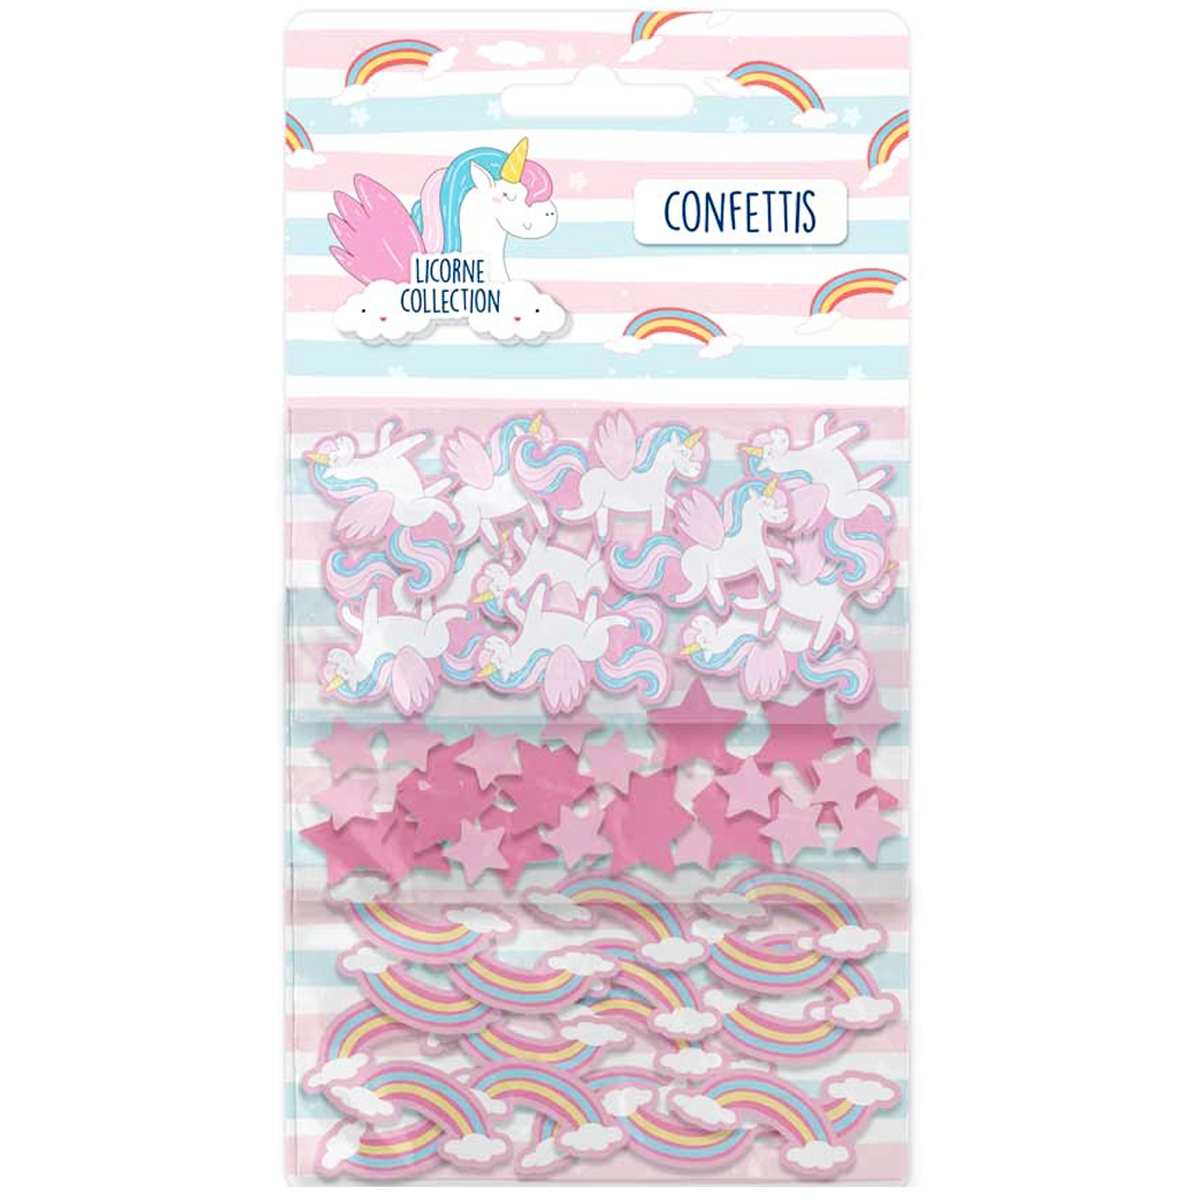 Trios confettis \'Licorne My Unicorn\' rose - sachet 30x10 cm - [Q7303]